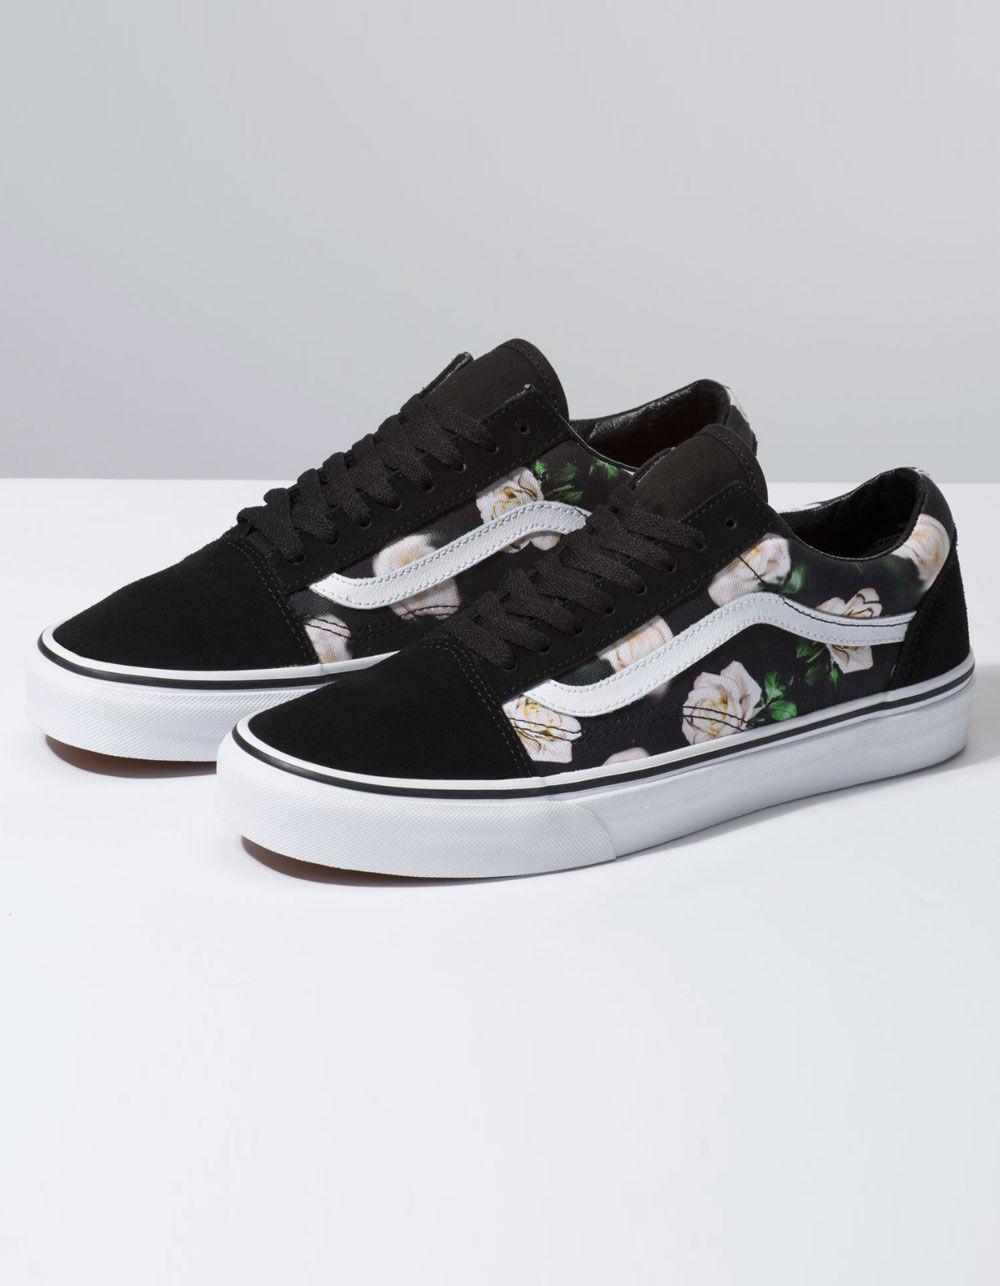 buy \u003e vans old skool floral shoes, Up